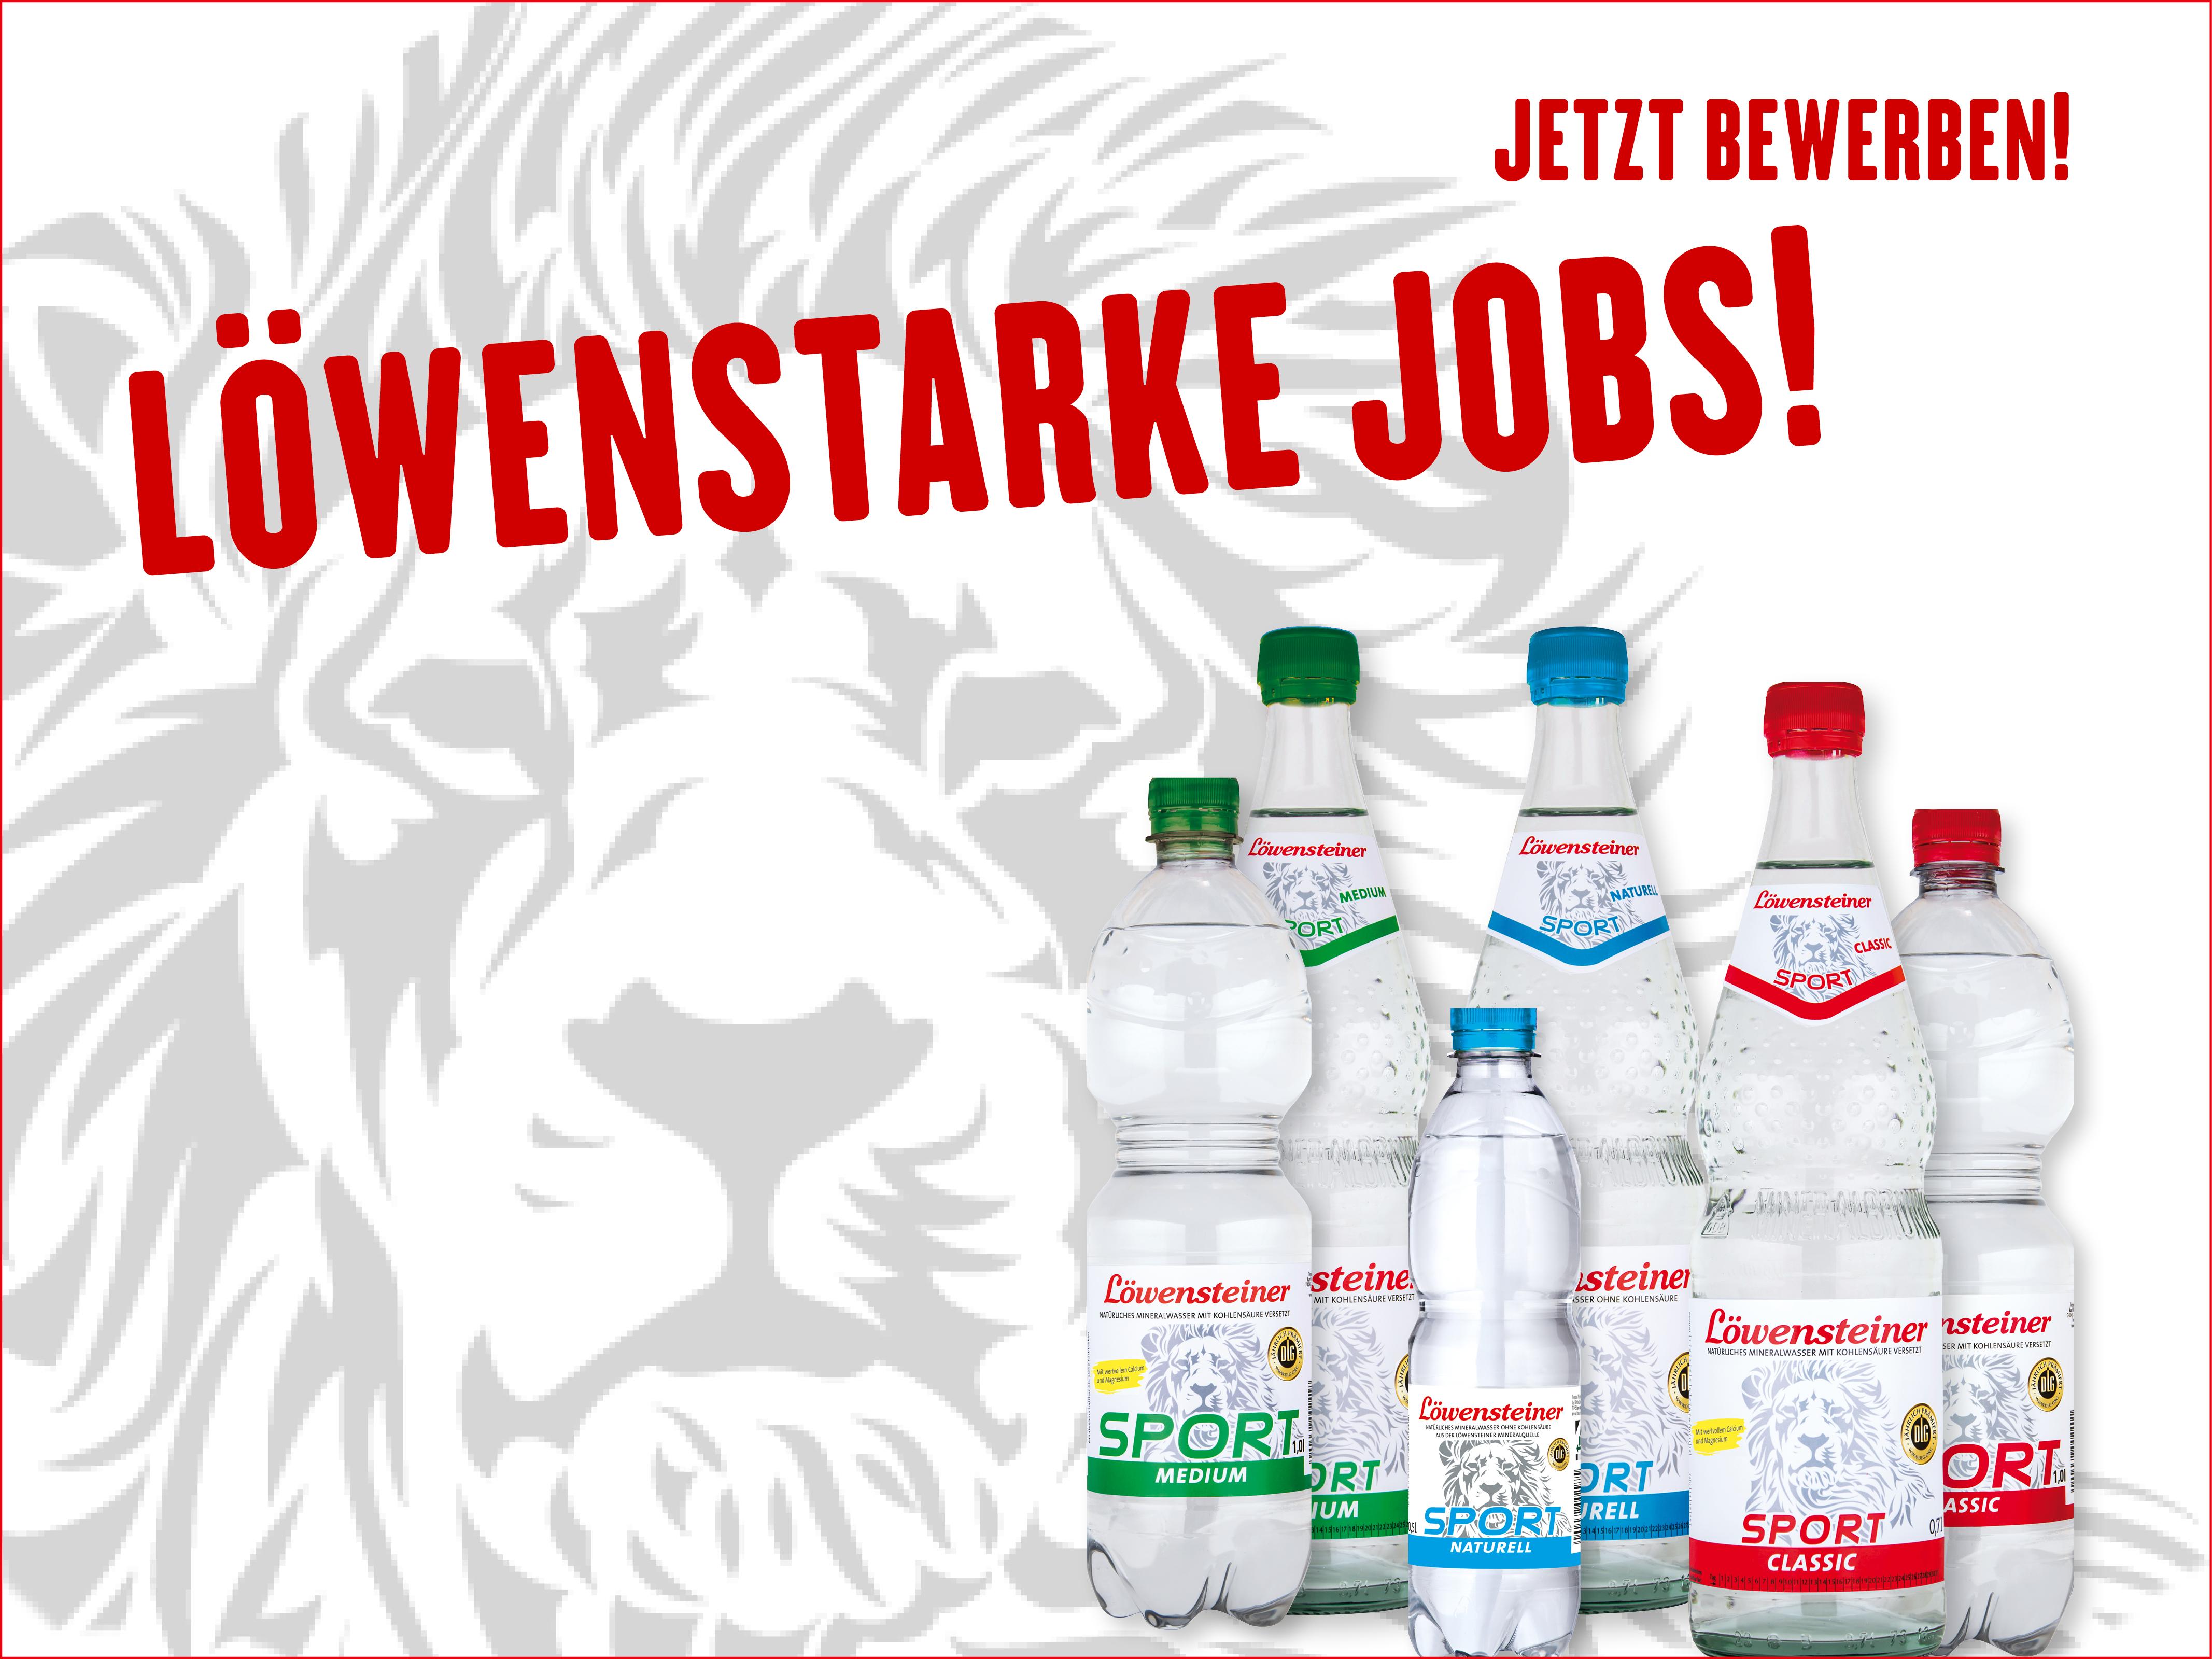 Löwenstarke Jobs!